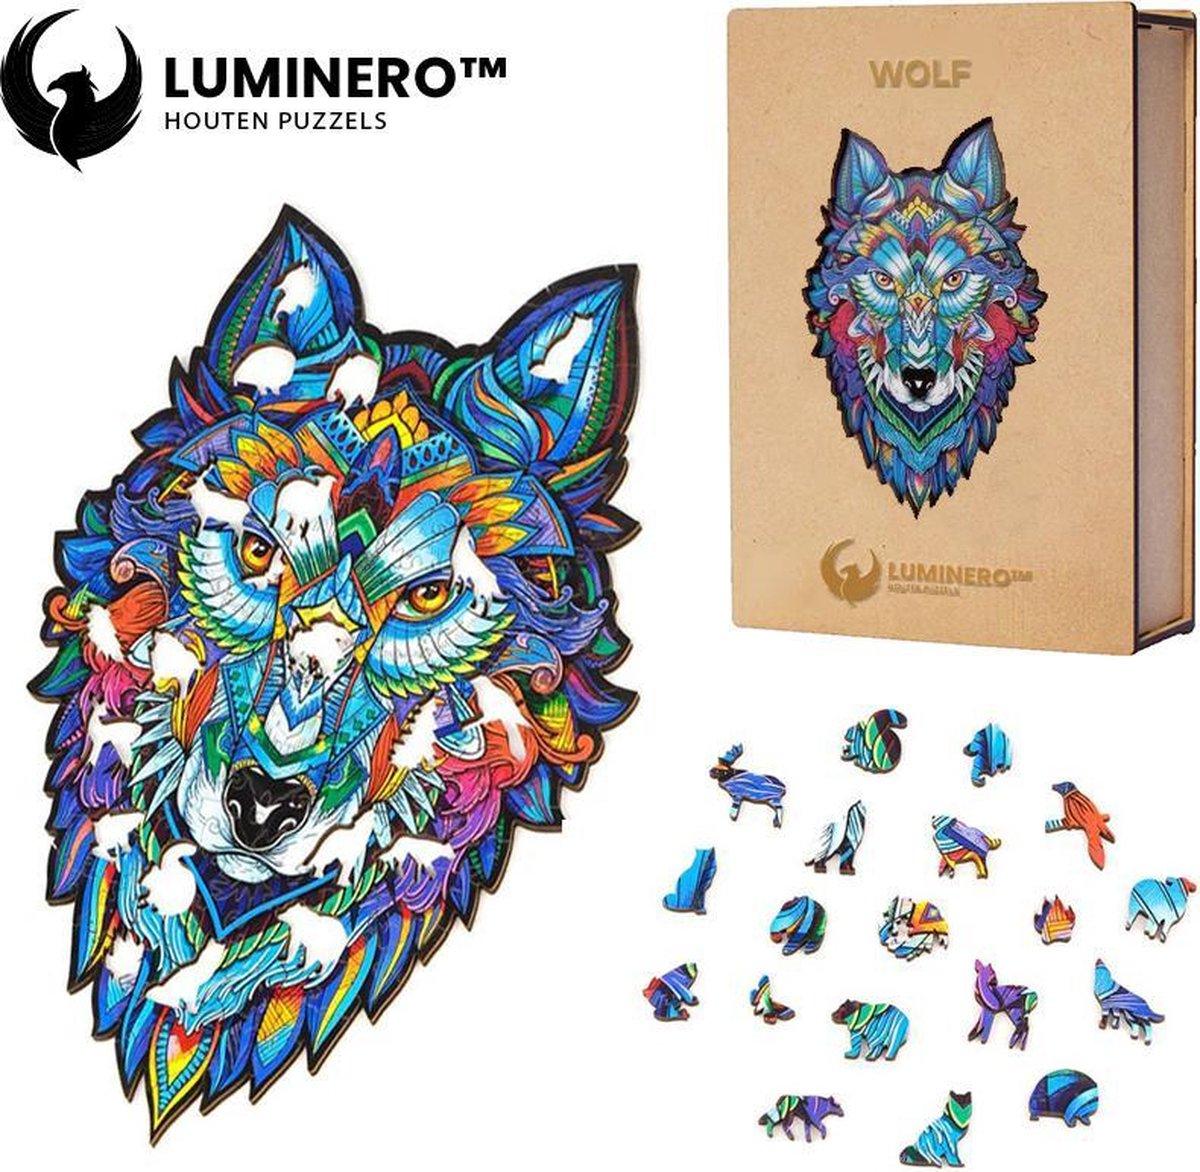 Luminero™ Houten Wolf Jigsaw Puzzel - A4 Formaat Jigsaw - Unieke 3D Puzzels - Huisdecoratie - Wooden Puzzle - Volwassenen & Kinderen - Incl. Houten Doos